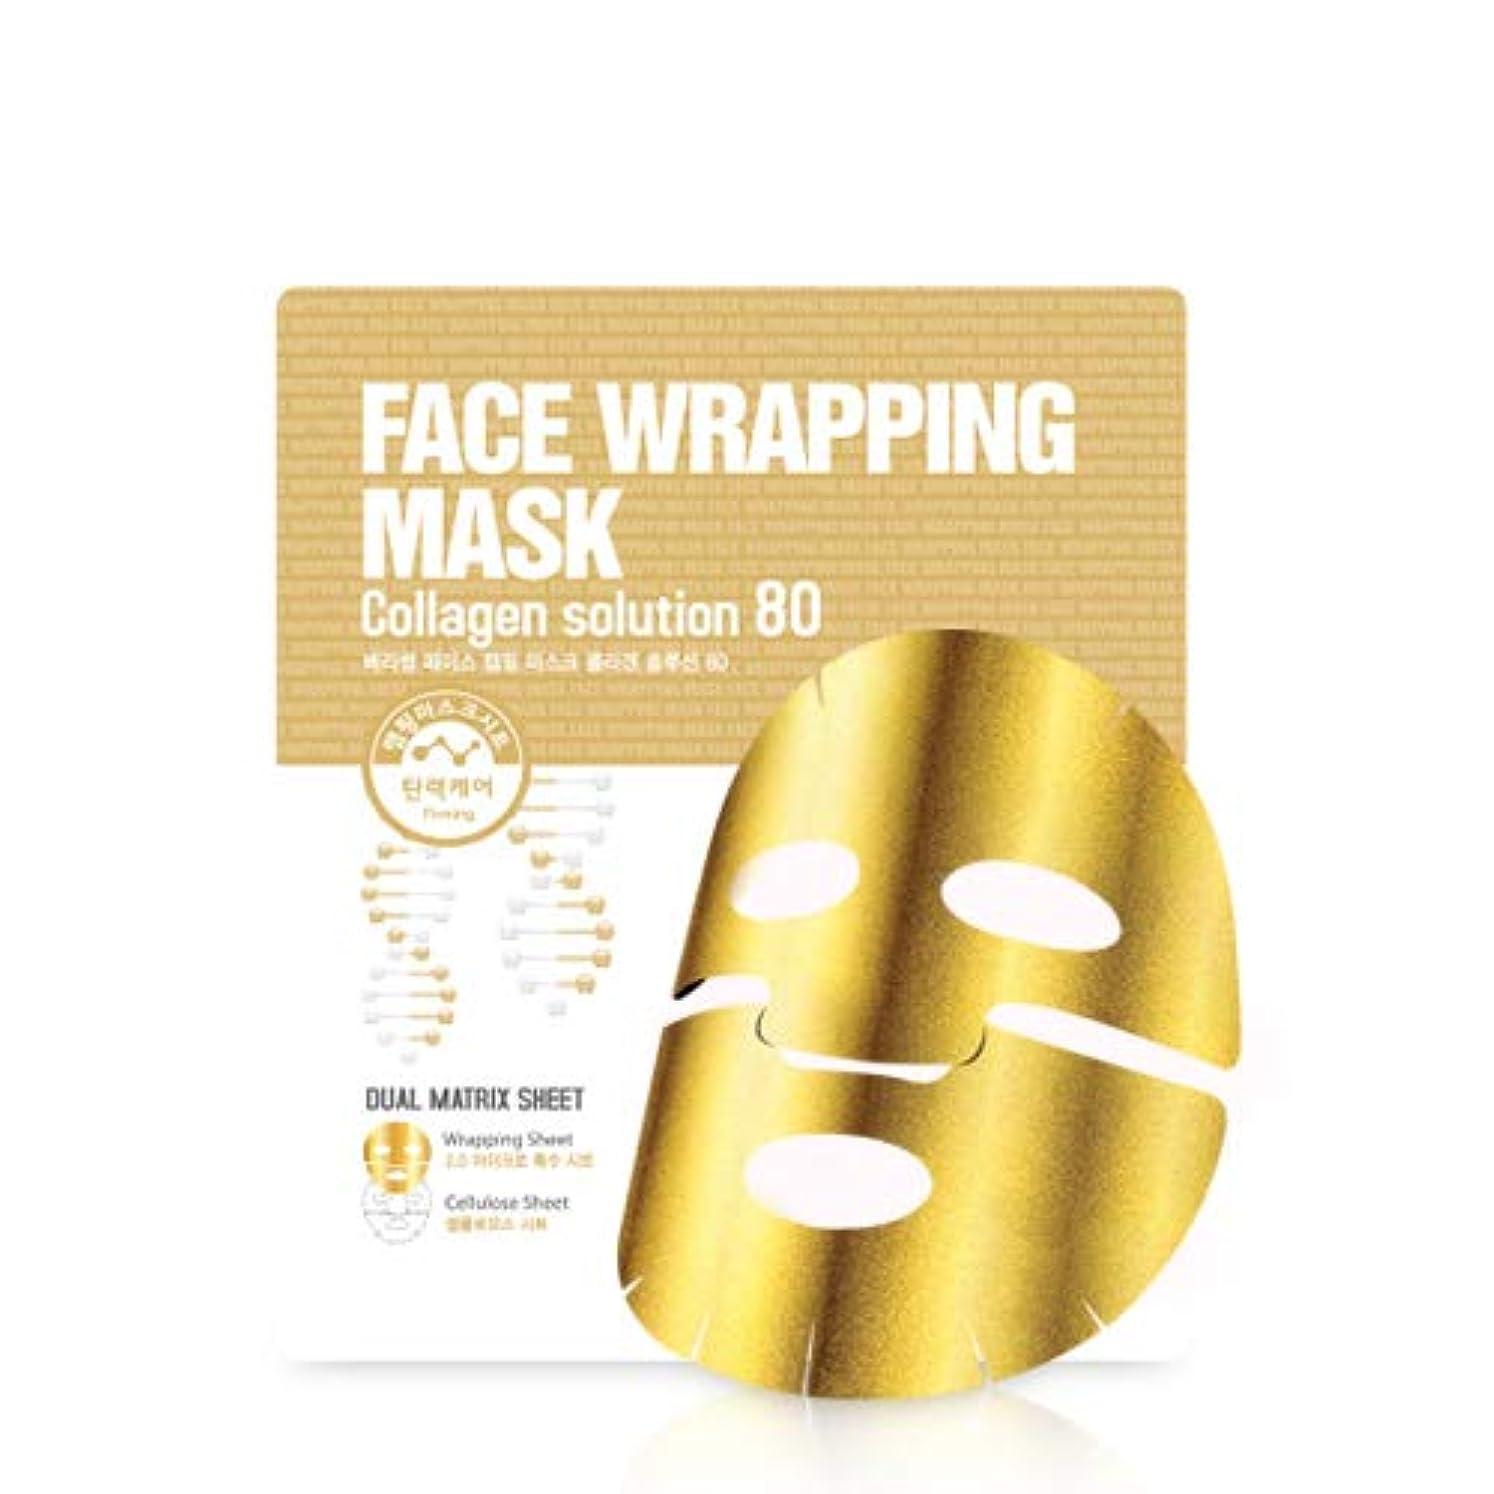 洋服クロールインテリアベリソム[Berrisom] フェイスラッピングマスクコラーゲンソリューション80 / しわ防止、引き締め Wrapping Mask Collagen 27gx5P